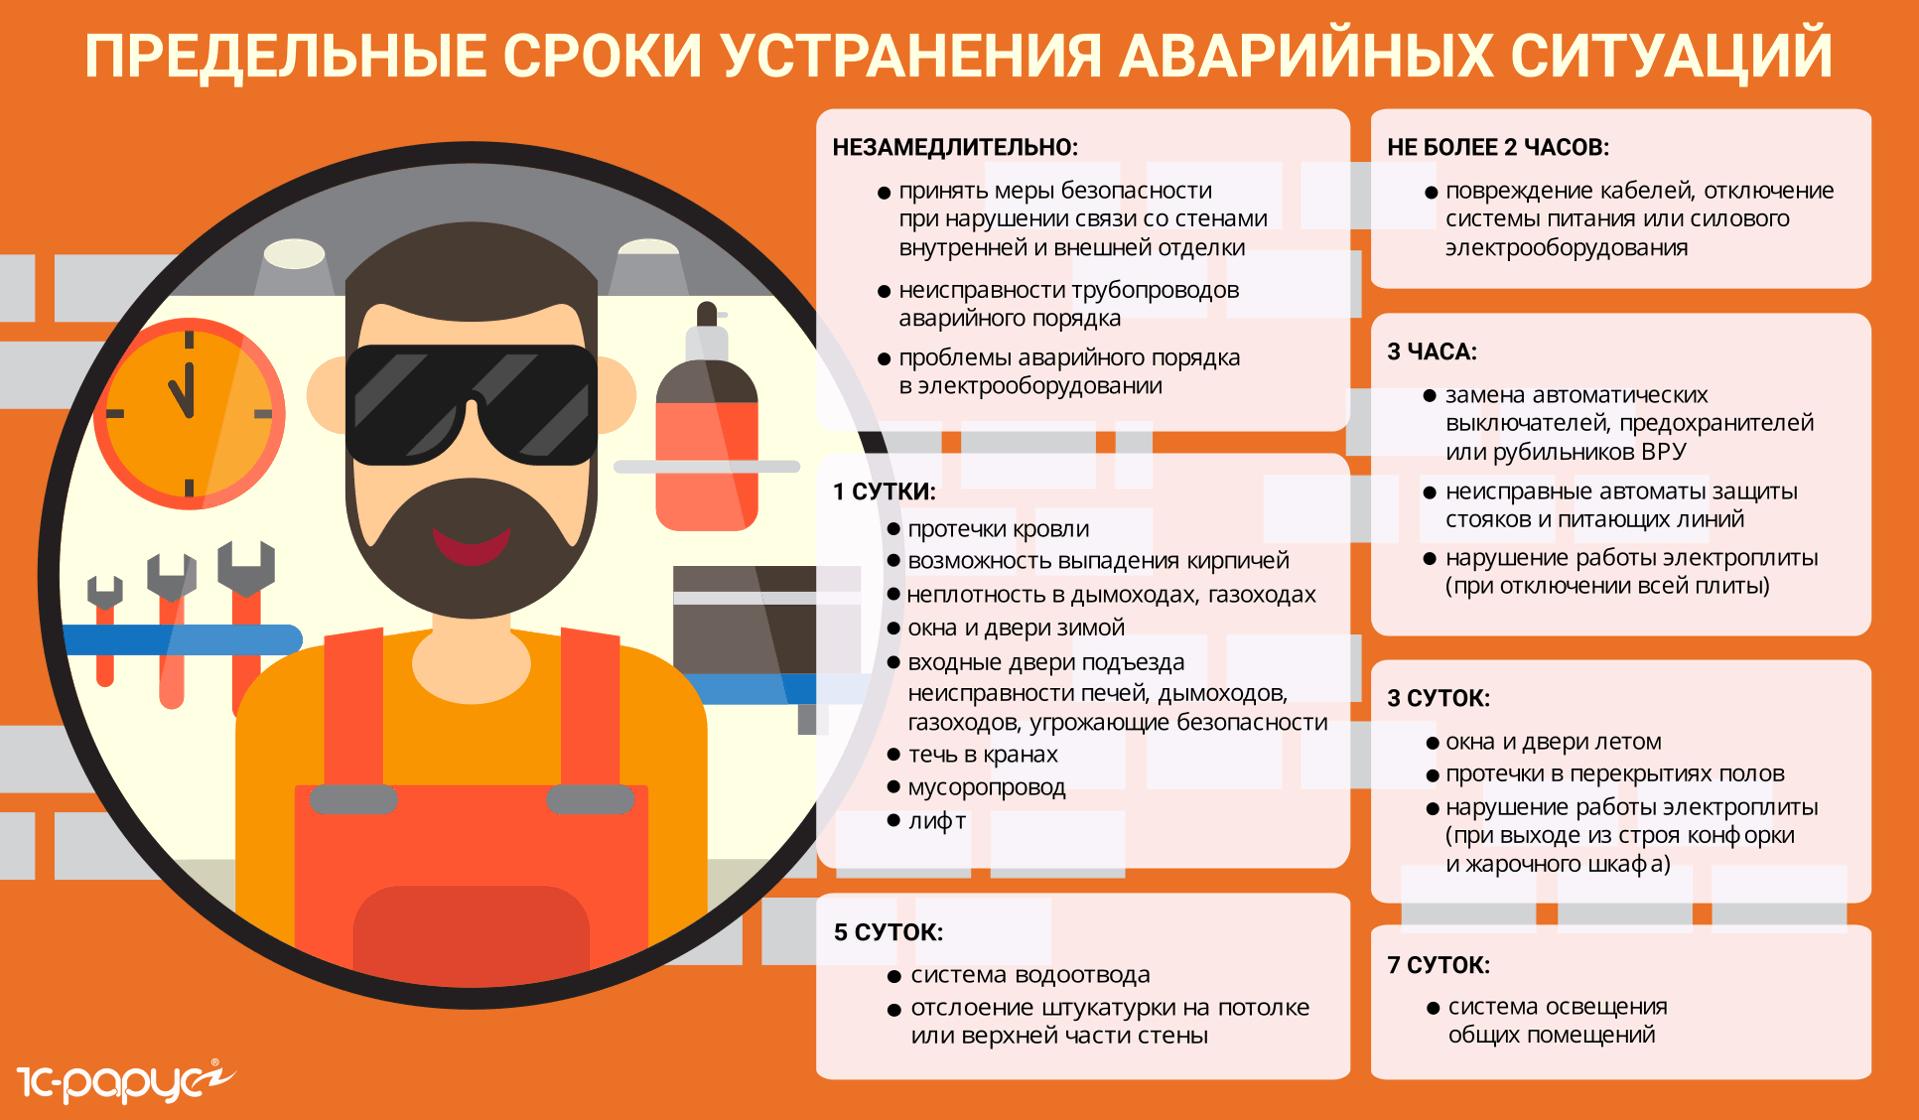 Предельные сроки устранения аварийных ситуаций ЖКХ